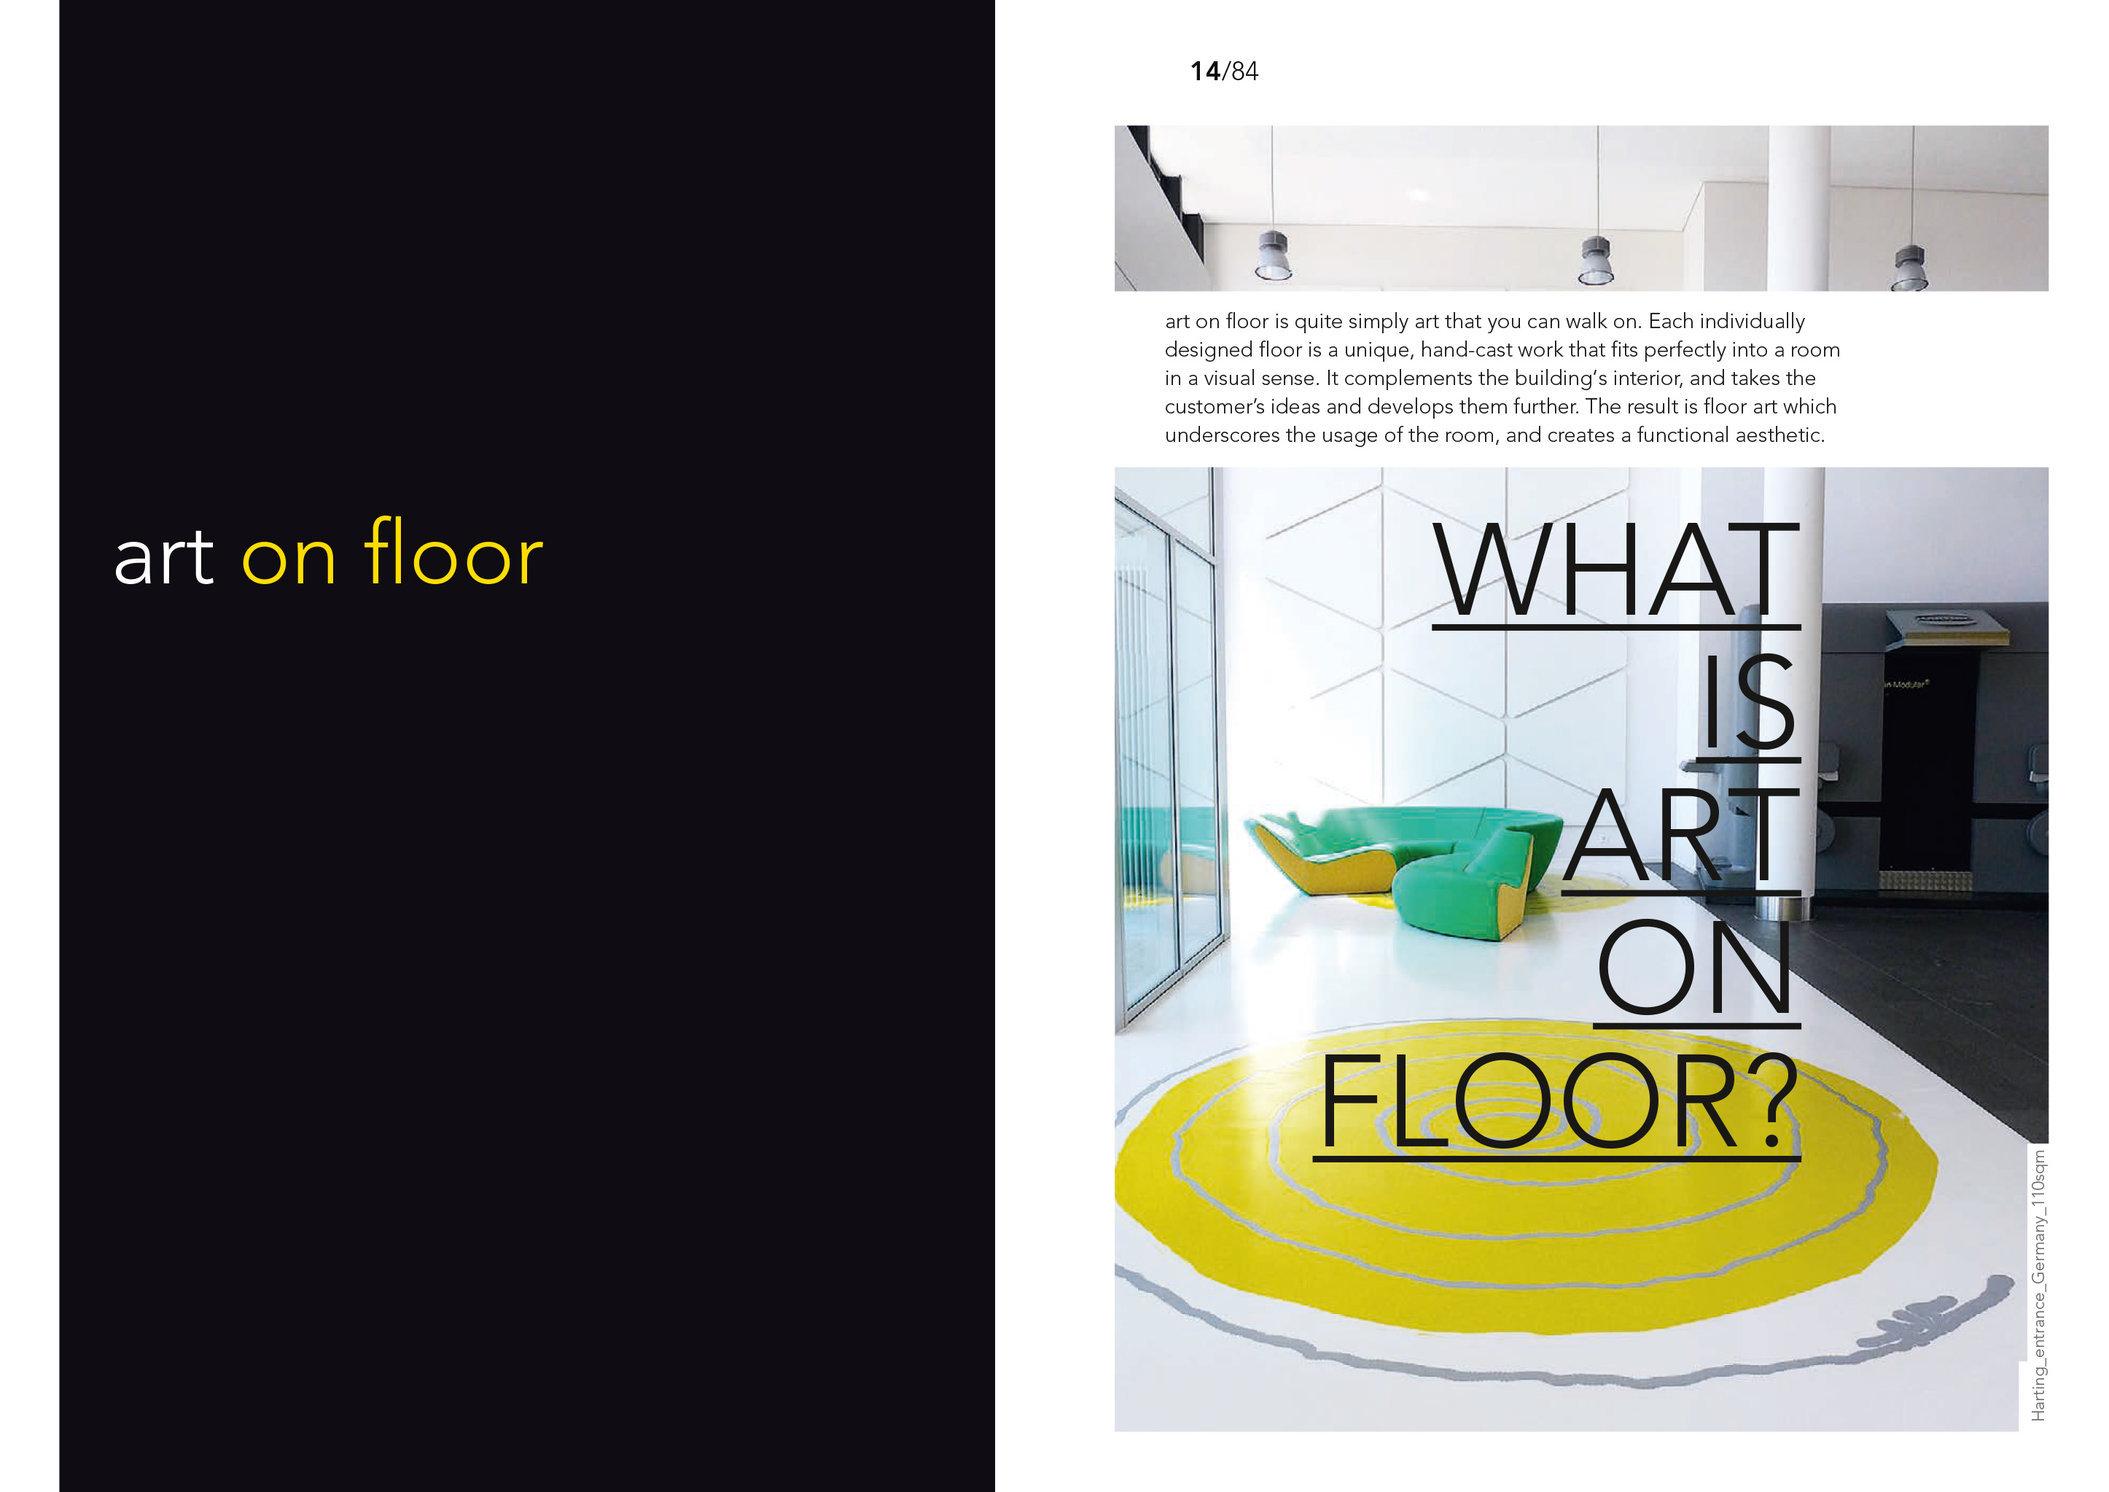 broschüre_artonfloor 7.jpg